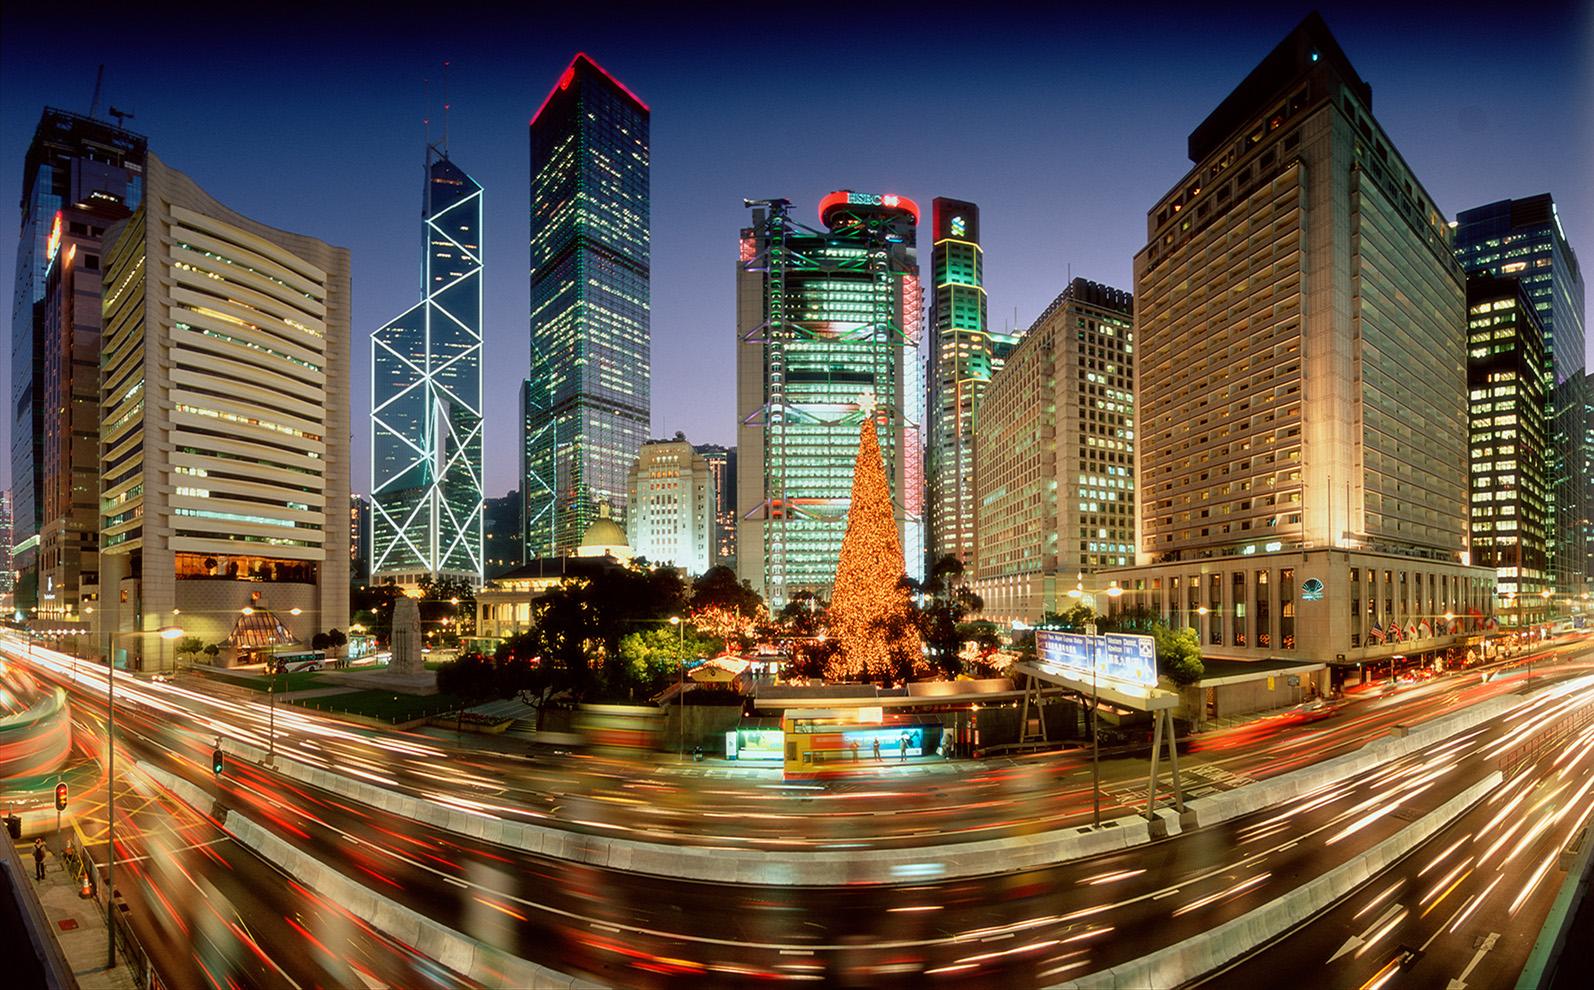 注册香港公司是企业走向海外的流行趋势